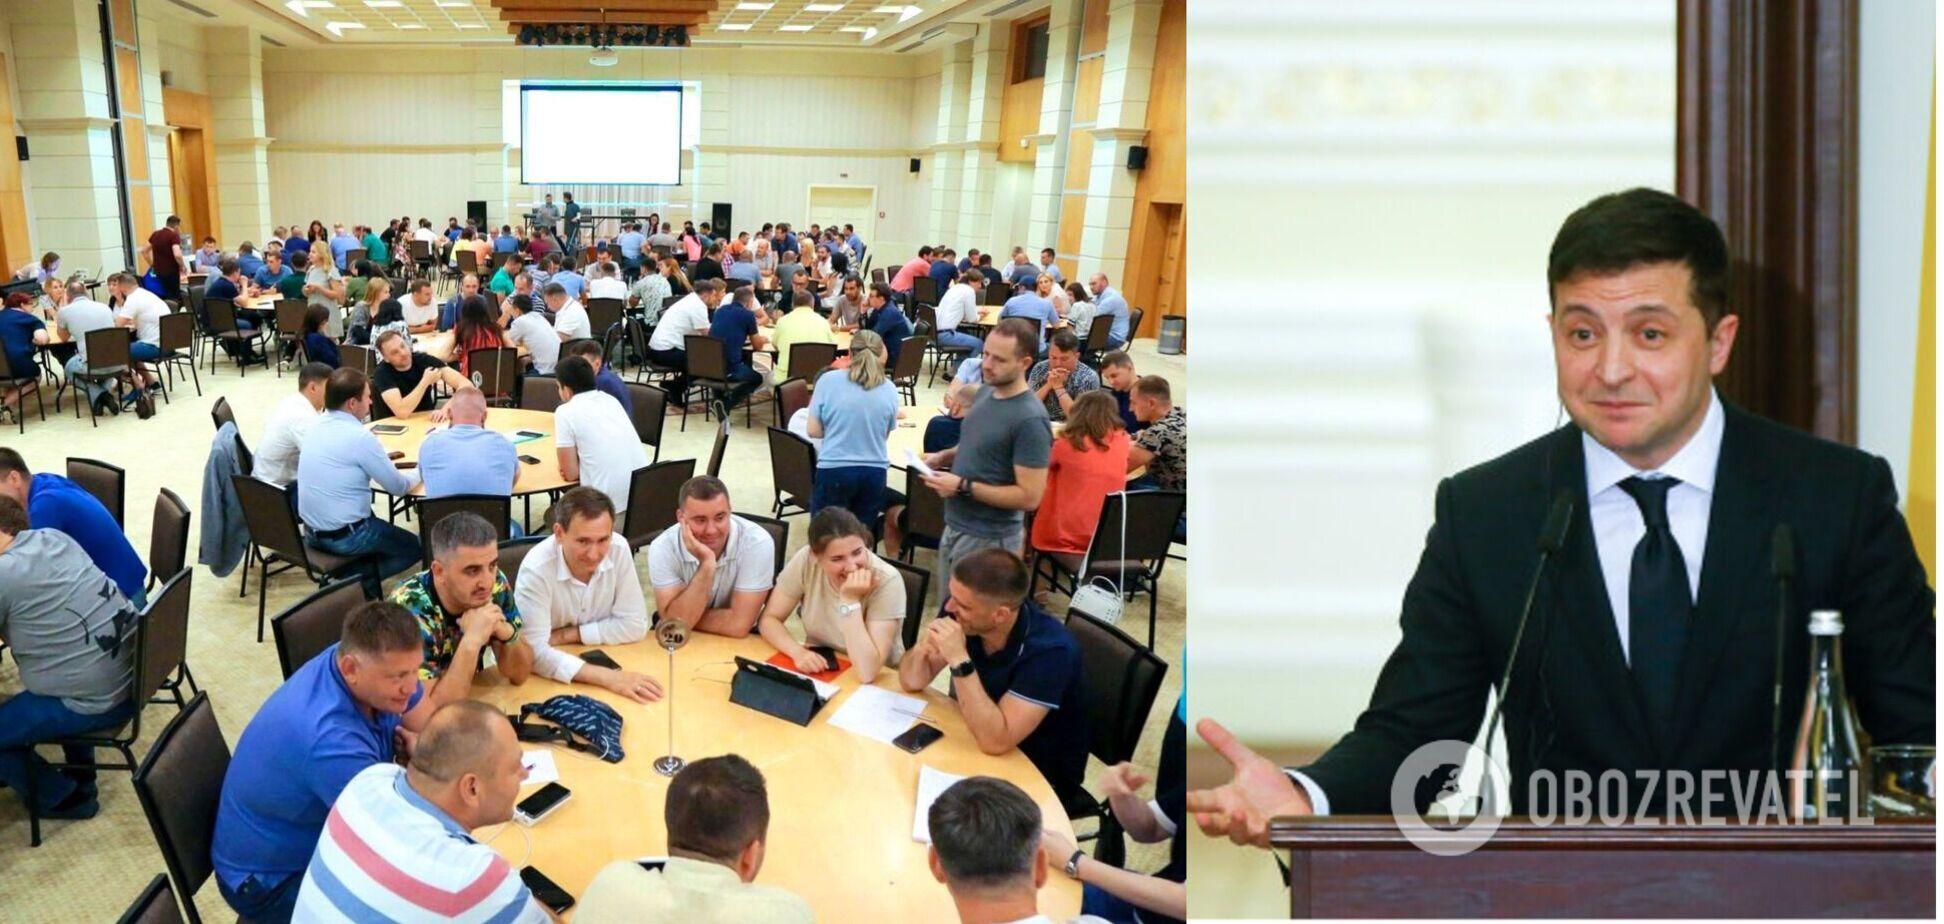 Зеленский снова соберет 'слуг' на обучение в Трускавце: будут говорить о кадровых вопросах